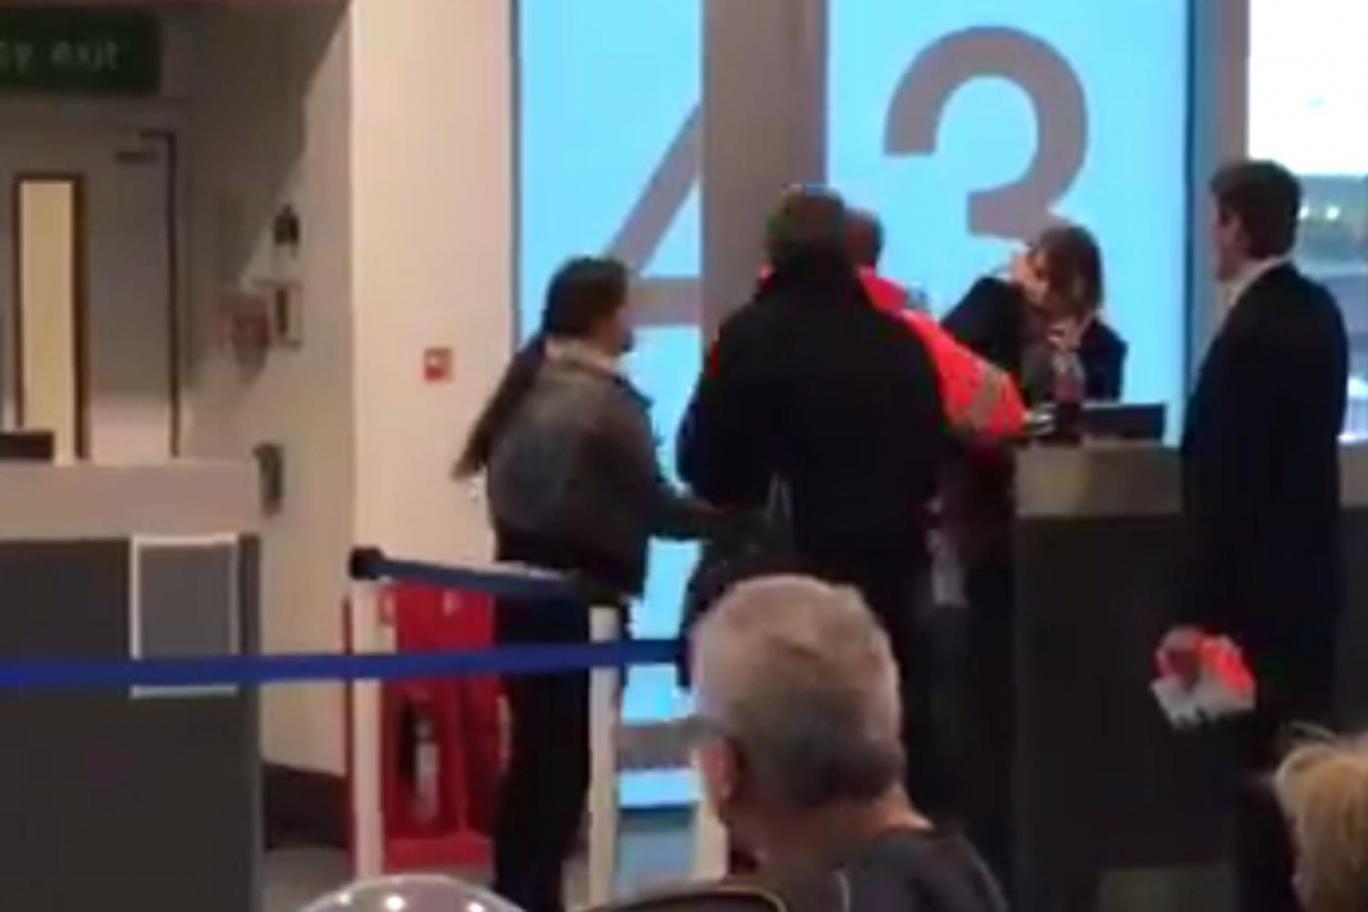 """""""Csak úgy repült a pofon"""" a londoni reptéren, amikor közölték az utassal, hogy lekéste a gépet 2"""